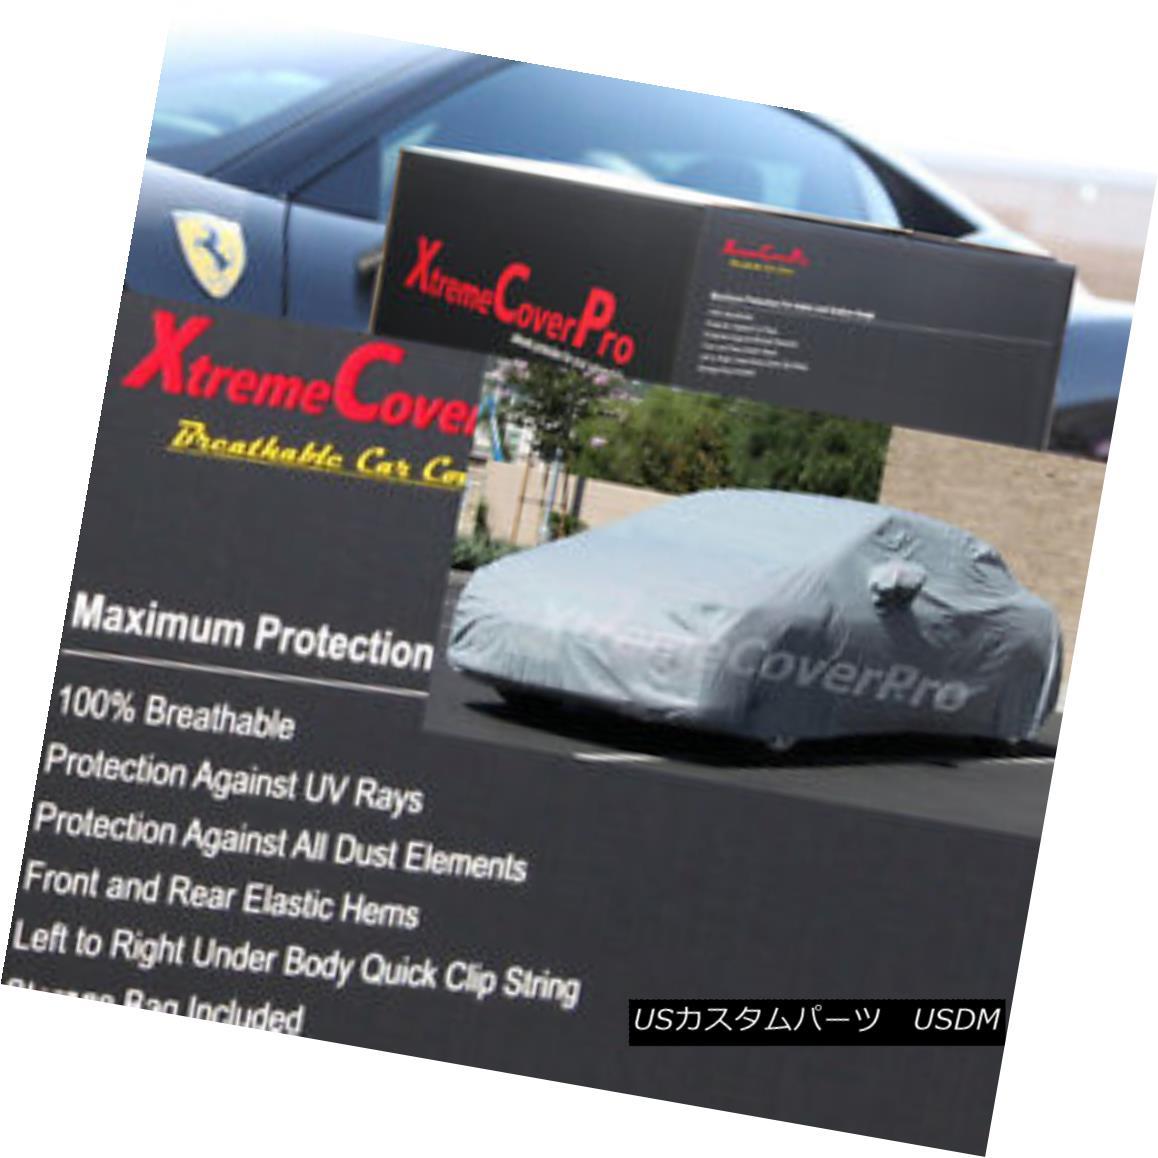 カーカバー 2008 2009 2010 2011 2012 Mitsubishi Lancer Breathable Car Cover w/MirrorPocket 2008年2009年2010年2011年2012年ミツビシ・ランサー通気性車カバー付きMirrorPocket